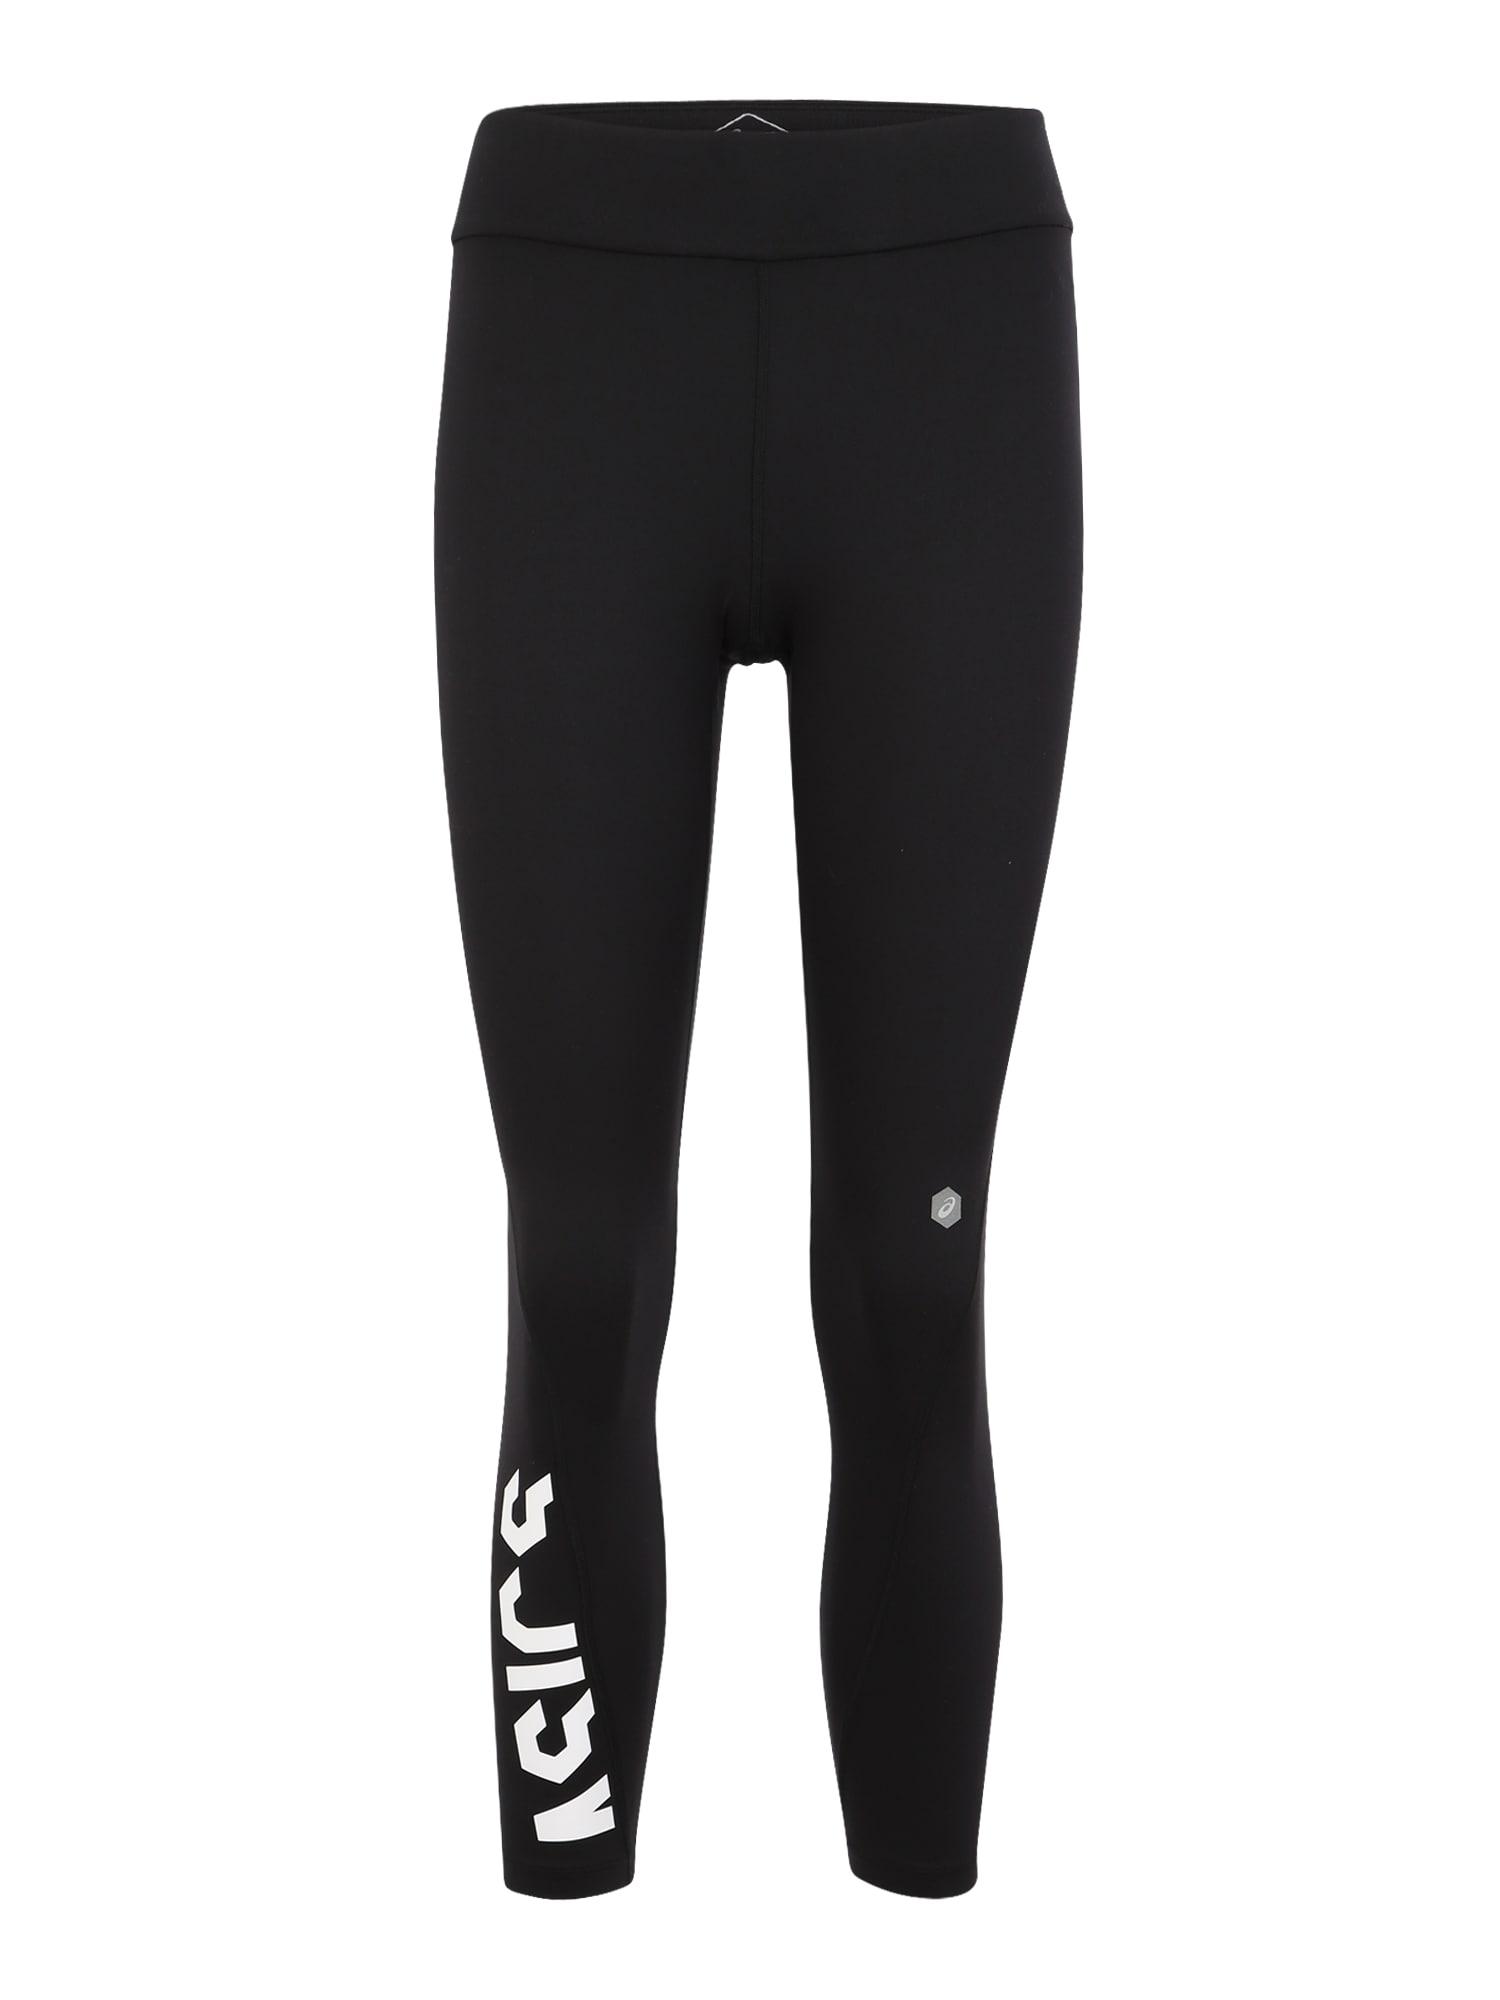 Sportovní kalhoty ESNT 78 TIGHT černá bílá ASICS